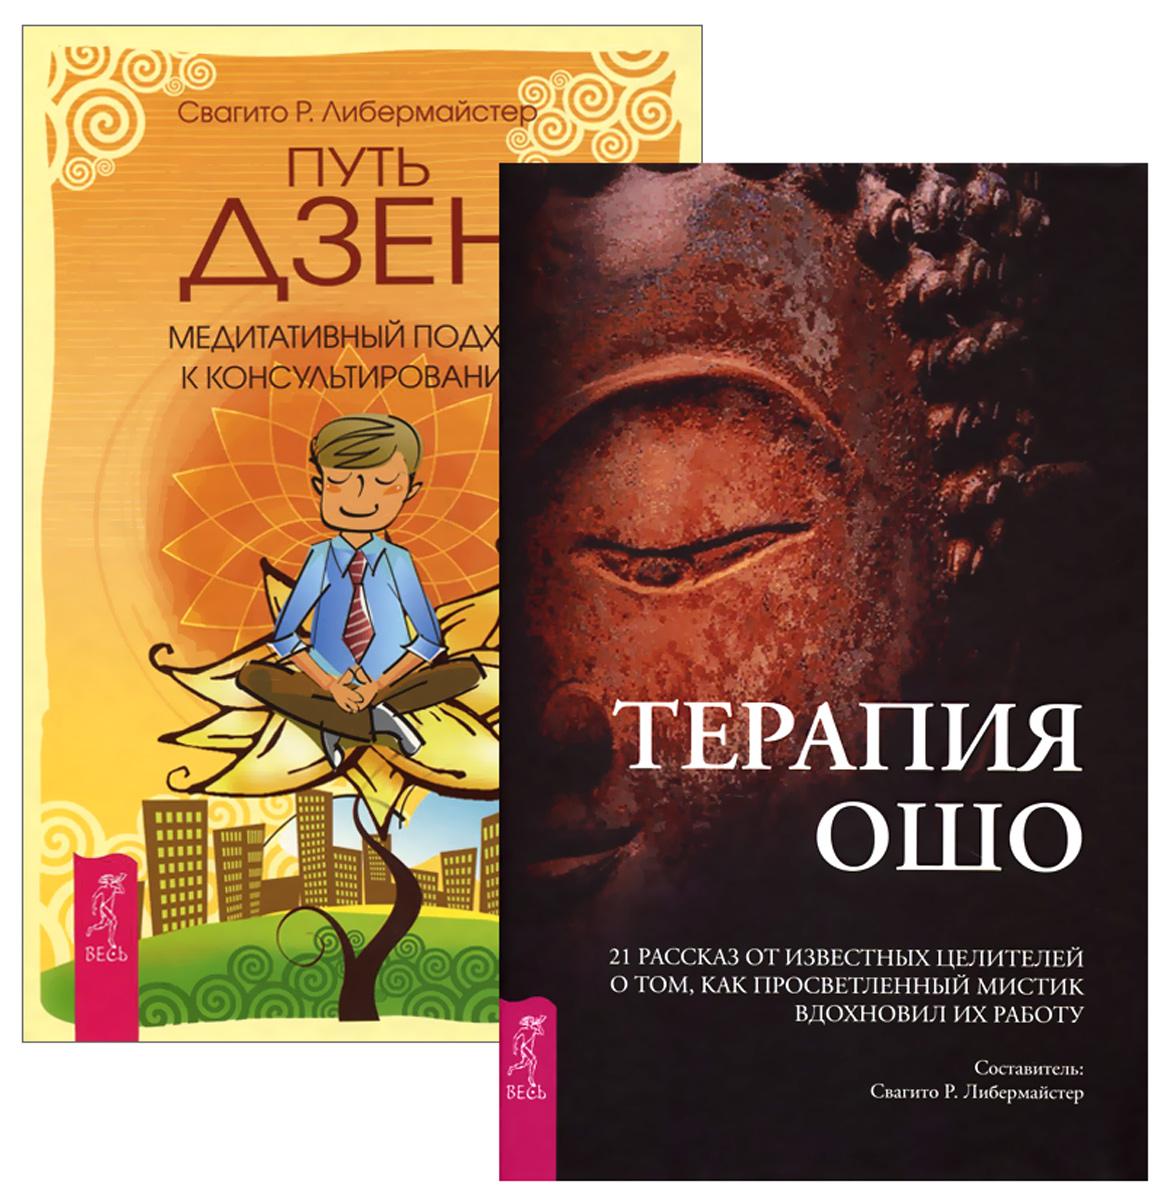 Терапия Ошо. Путь дзен (комплект из 2 книг)